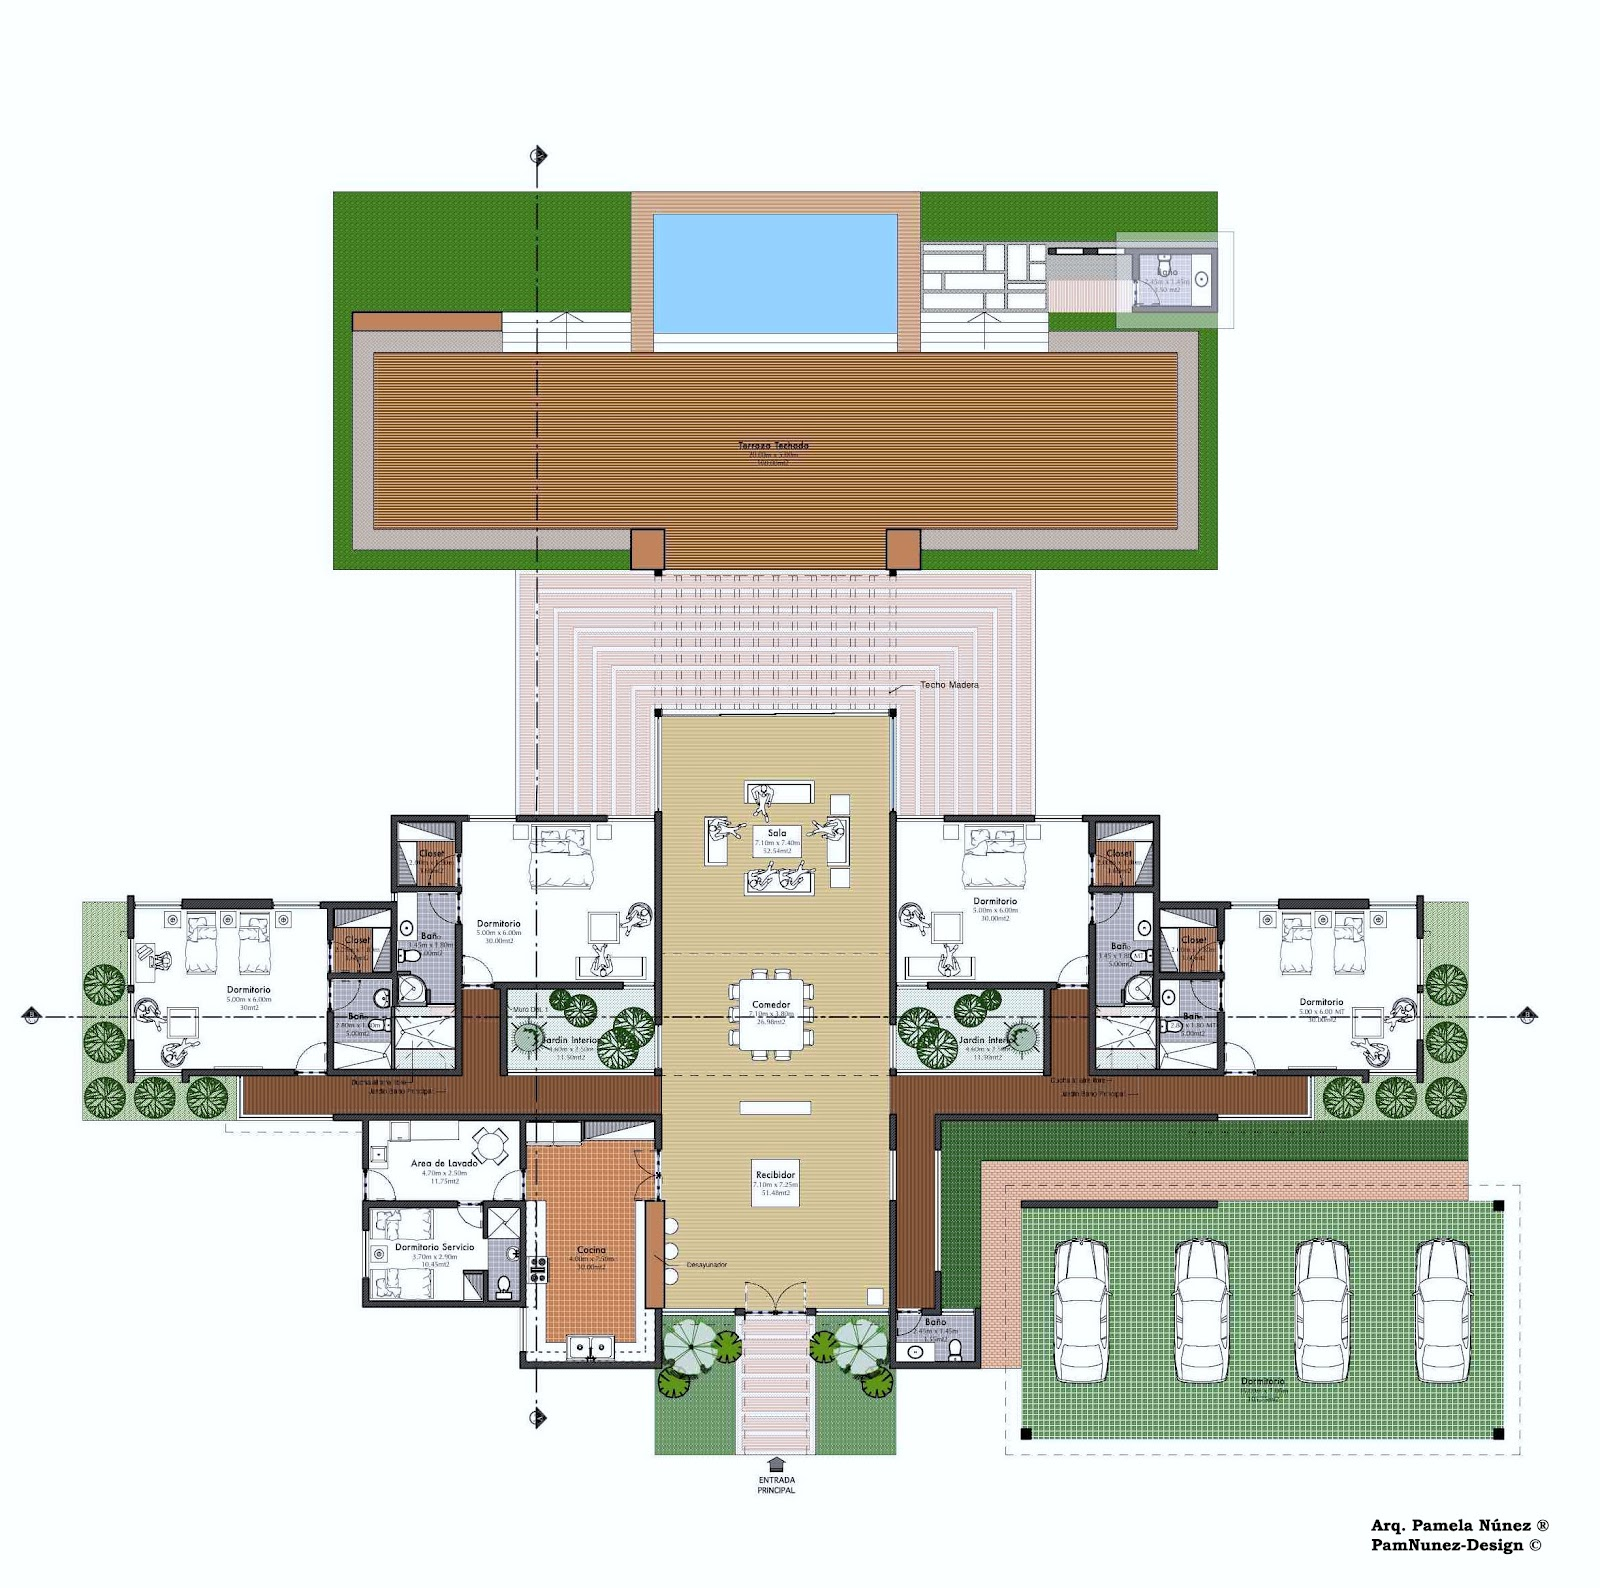 Pamnunez designs colaboraci n dise o casa tercer vivienda - Programa diseno vivienda ...